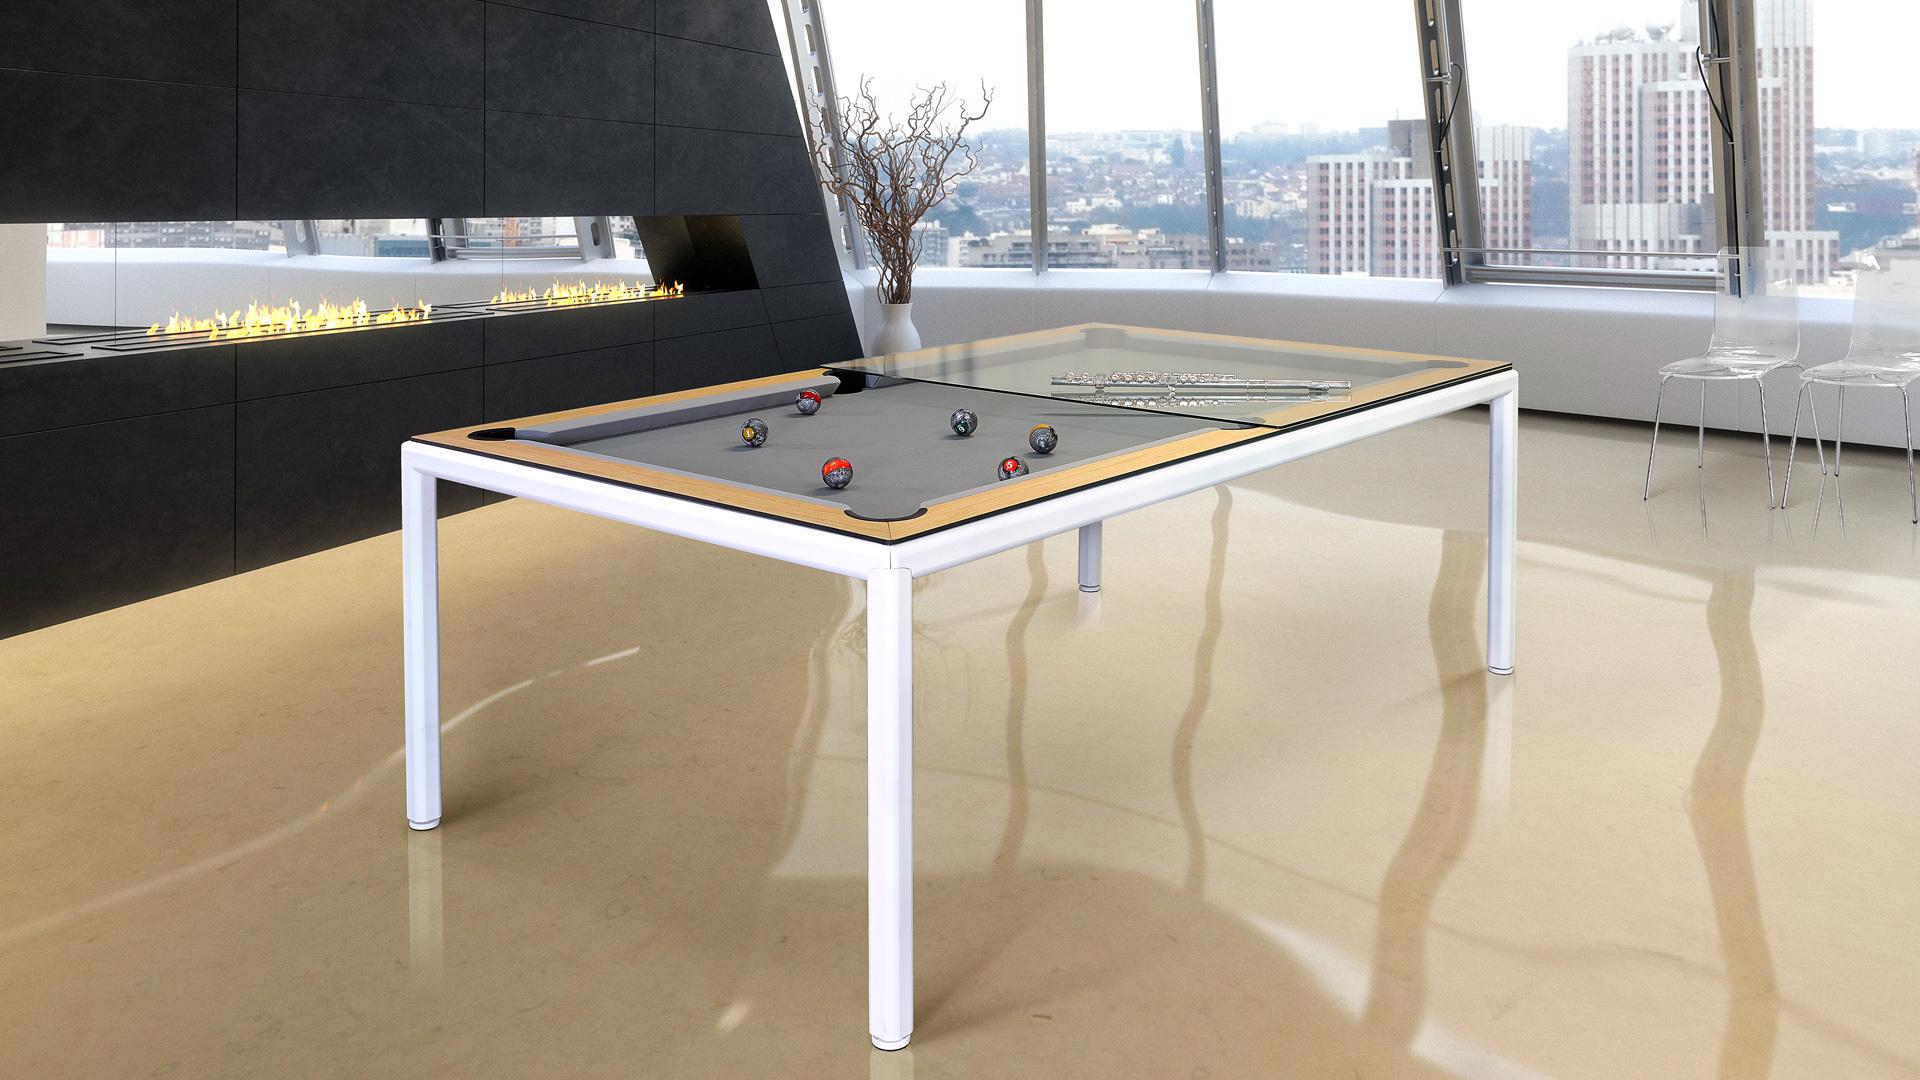 Slimline Pool Table Luxury Pool Tables